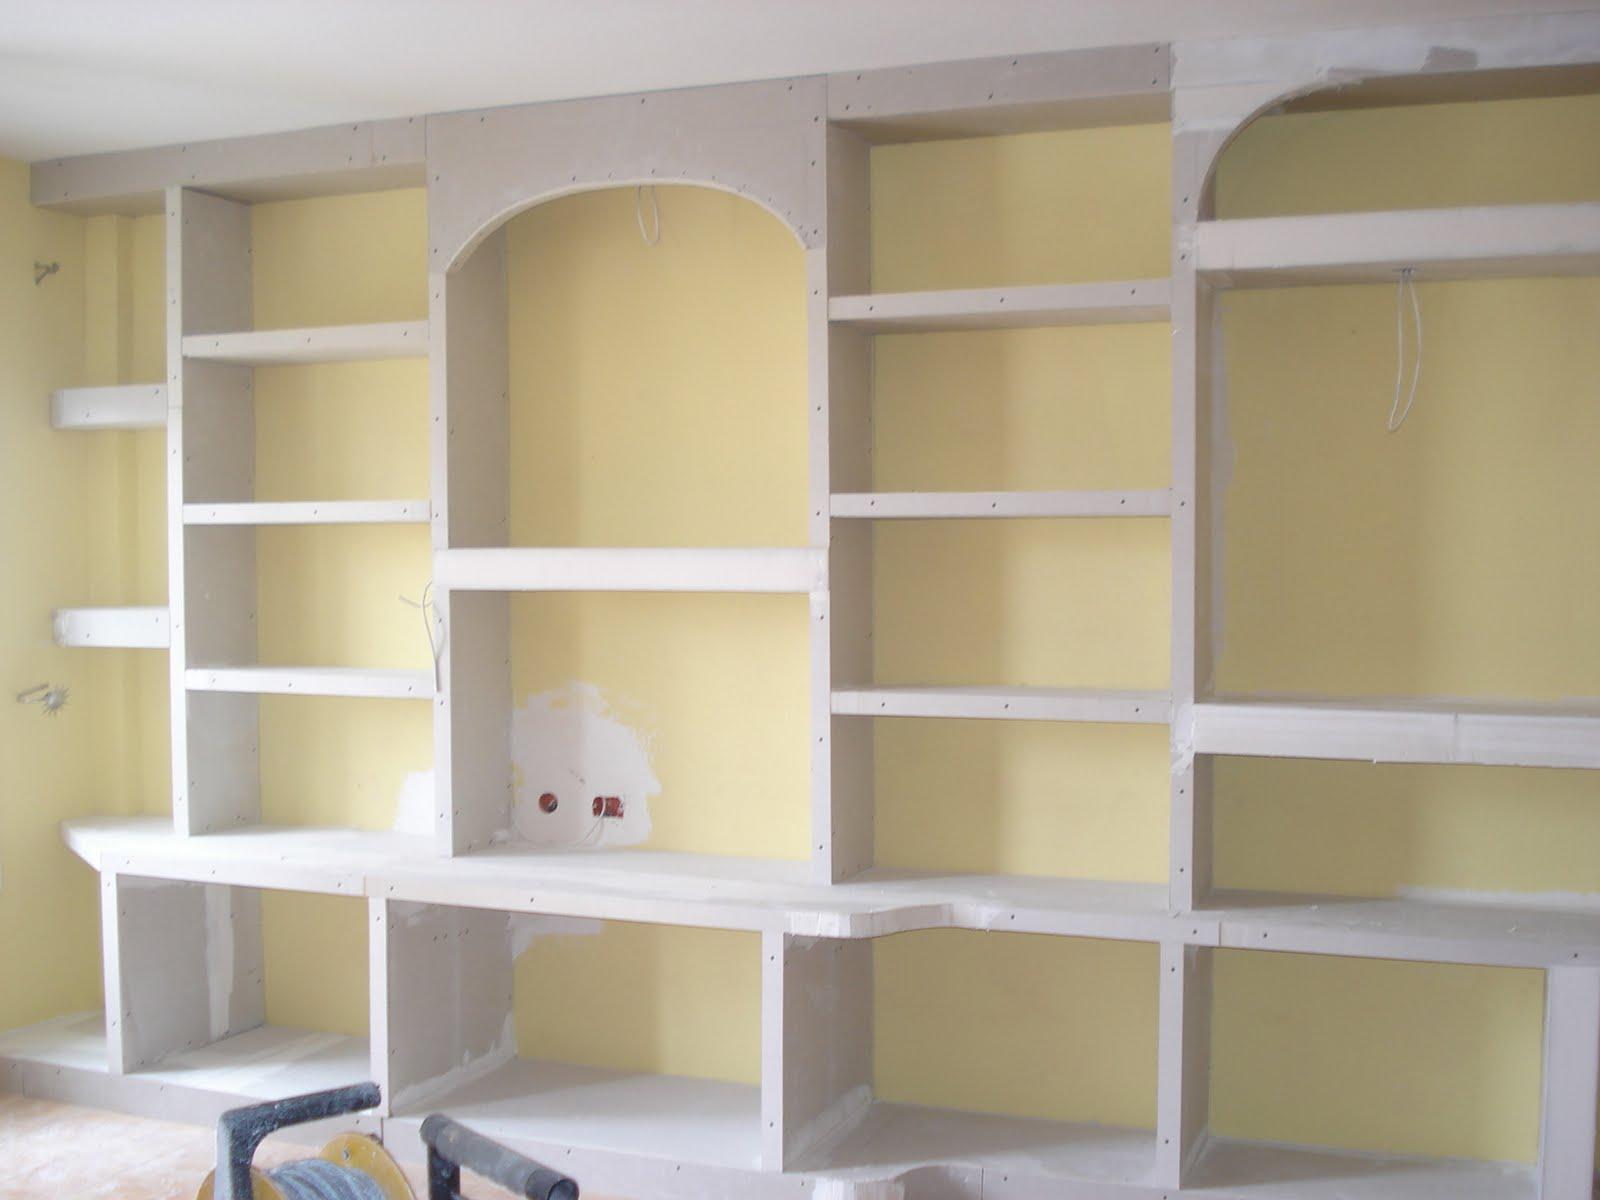 Pladur en tenerife instaladores mueble de pladur - Muebles en pladur ...